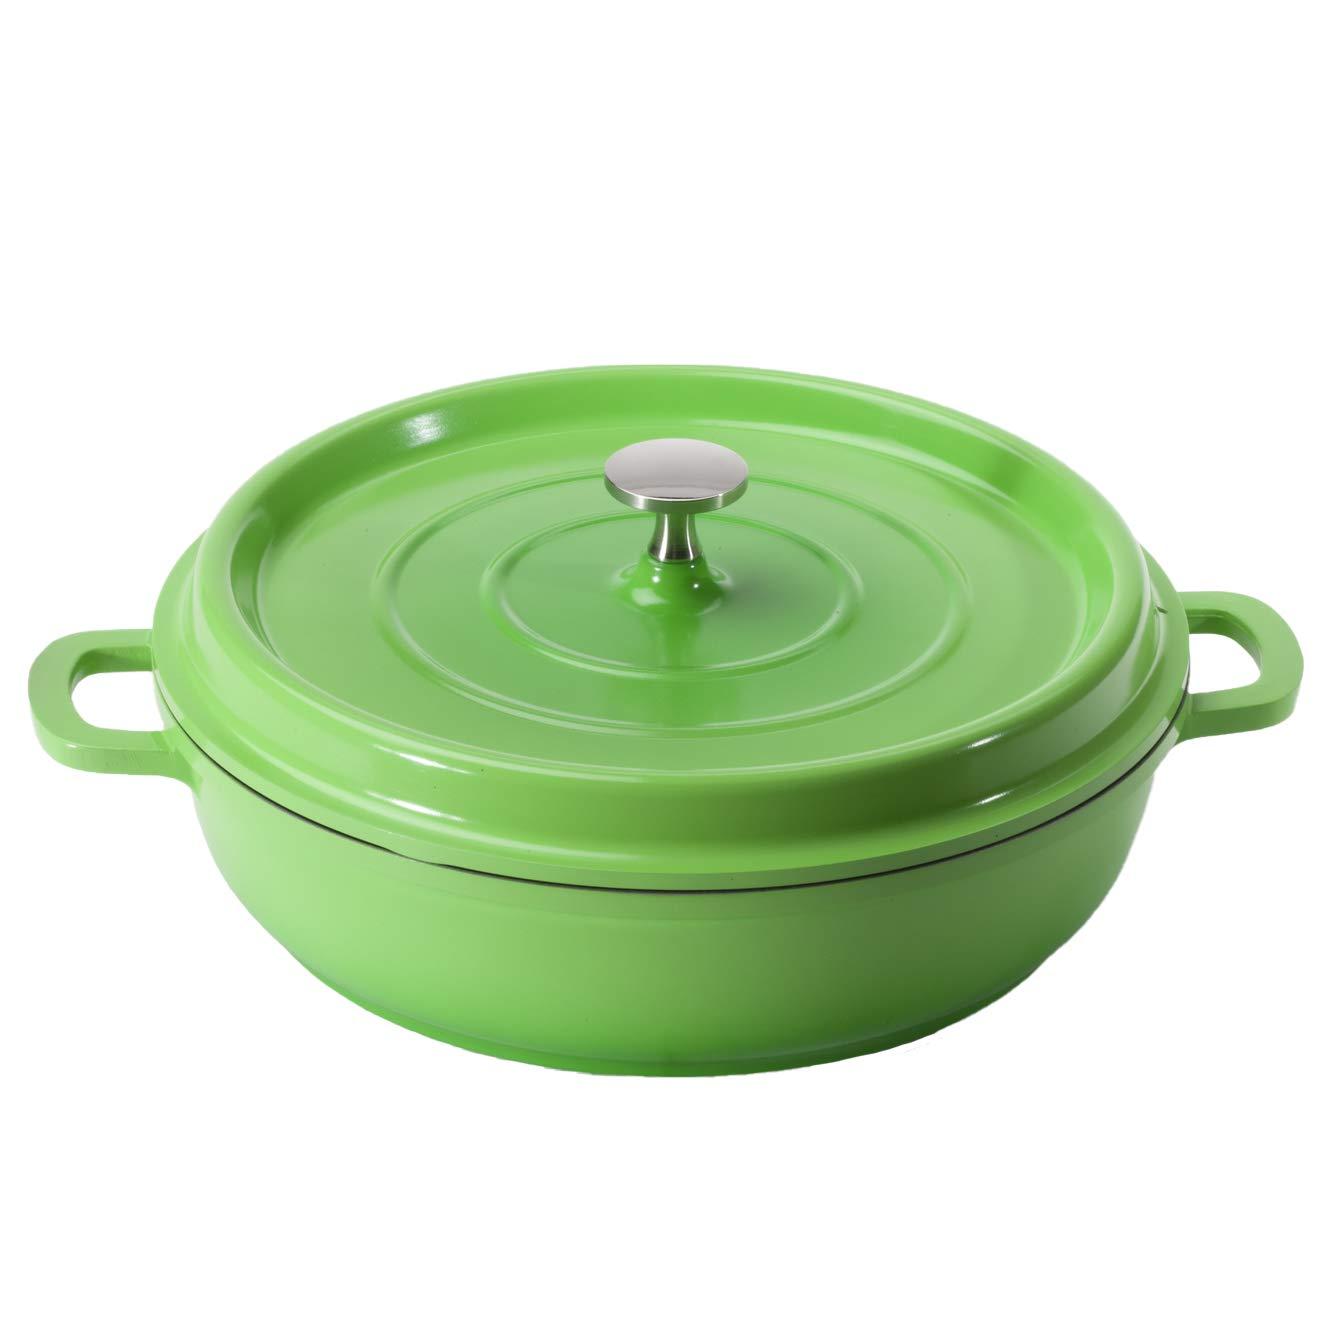 Heiss CA-005-G/BK Cast Aluminum Braiser Pan/Casserole Dish, 3 Quart, Green